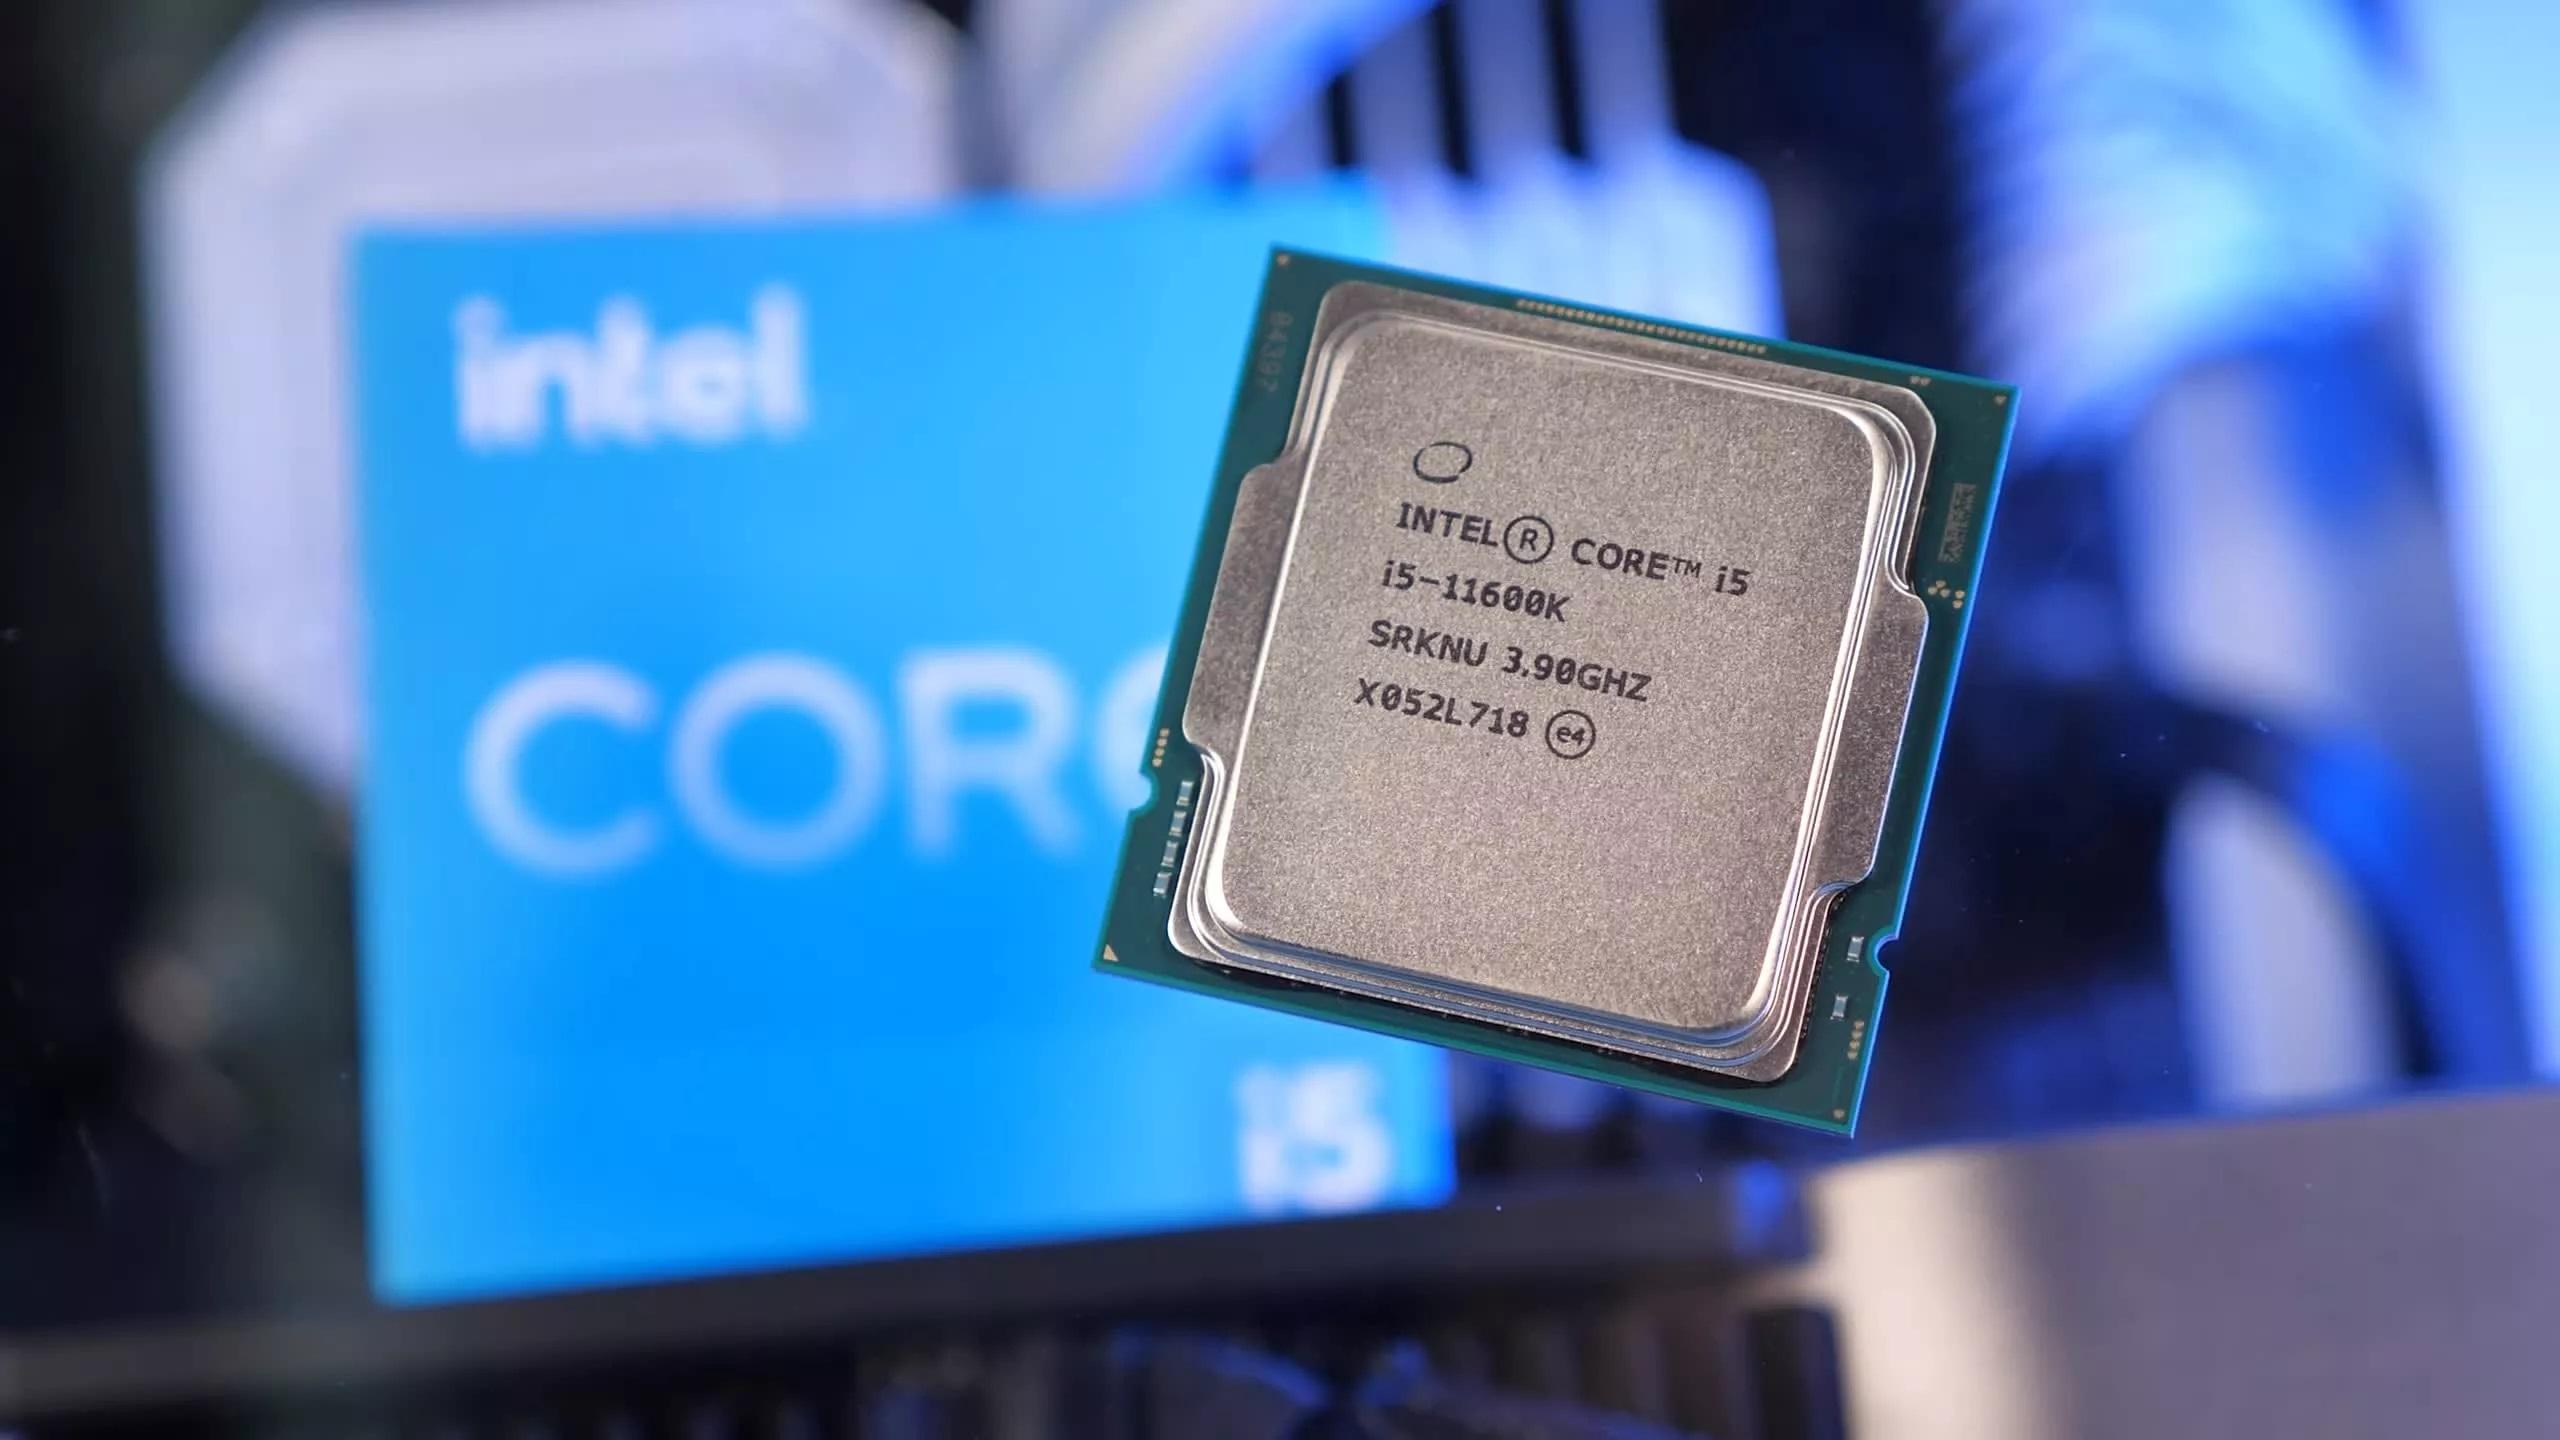 Intel Core I5-11600K: miglior processore Intel gaming